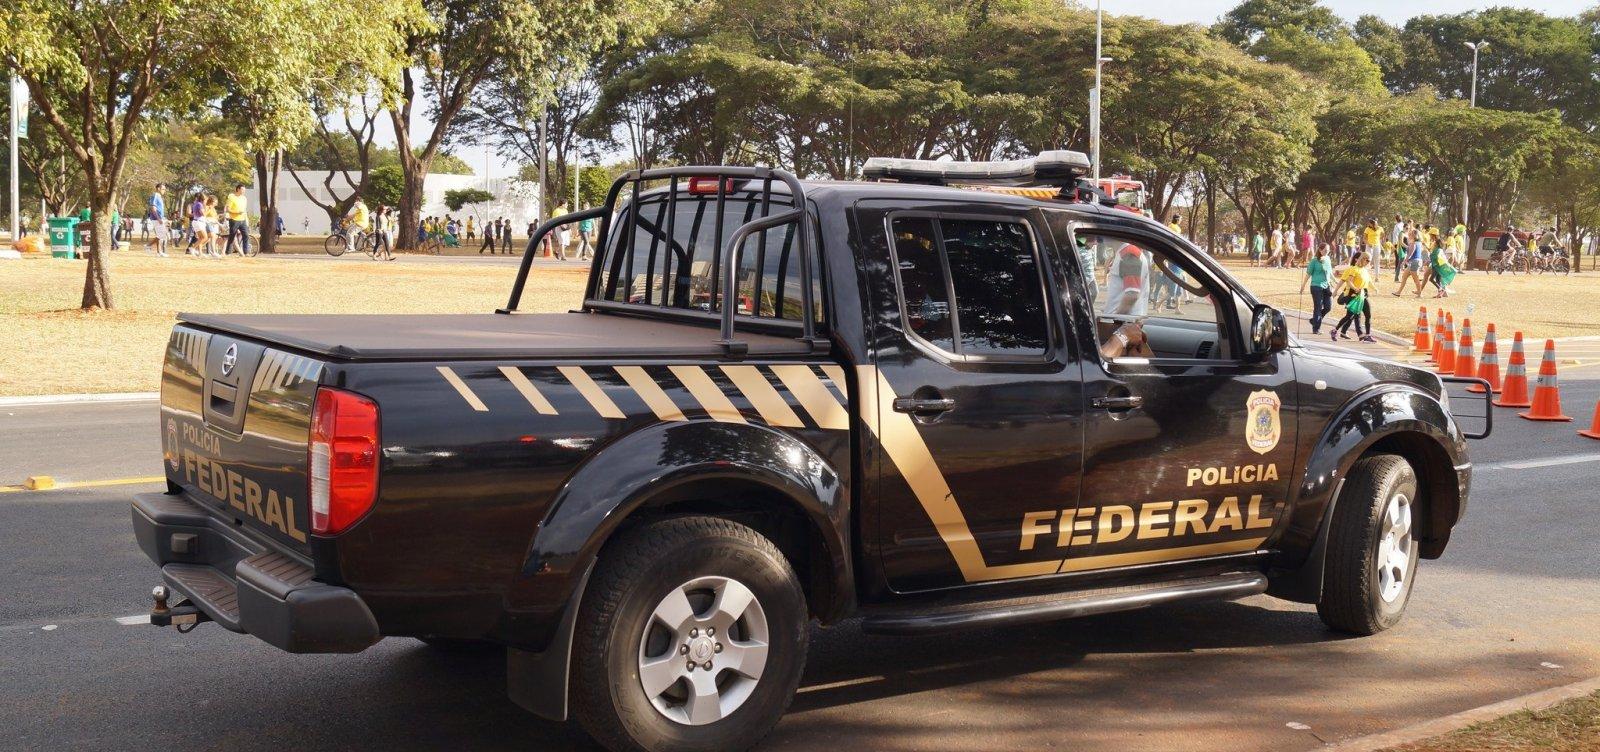 Polícia Federal faz operação contra fraudes no INSS em Pernambuco